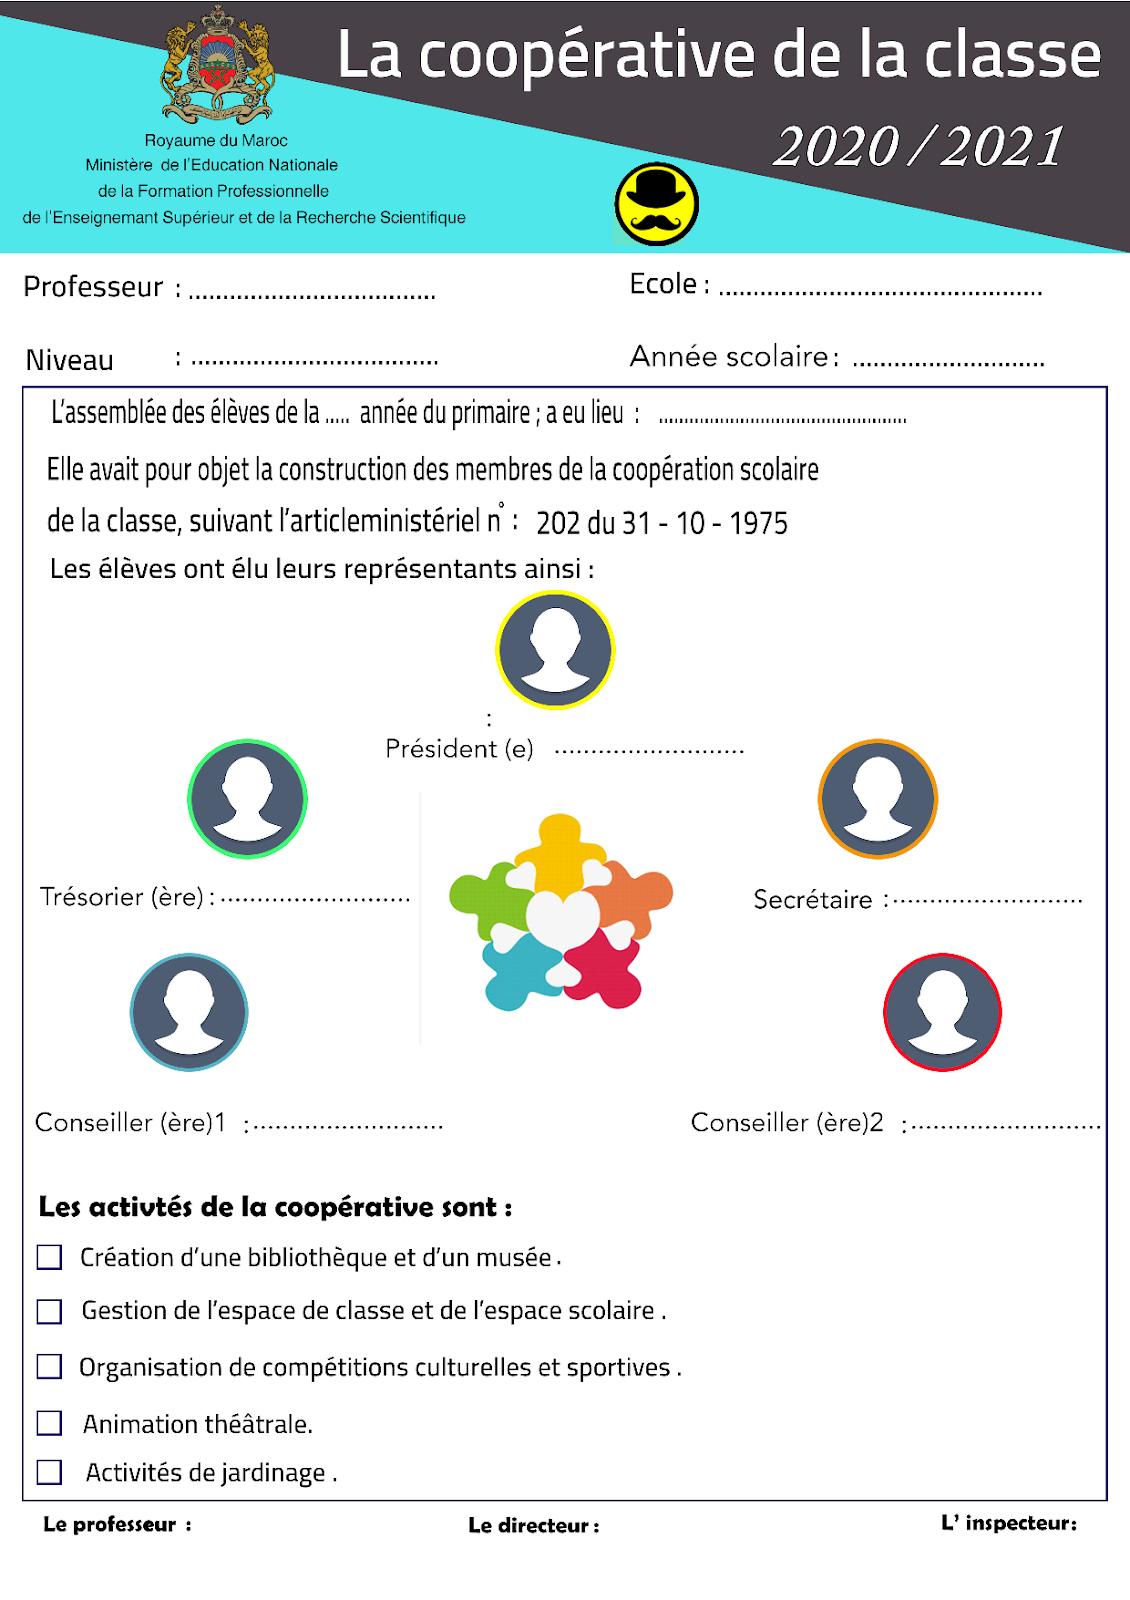 محضر تأسيس تعاونية القسم للموسم الدراسي 2021/2020 تجدونه حصريا على موقعنا الرسمي {وثائق البروفيسور}